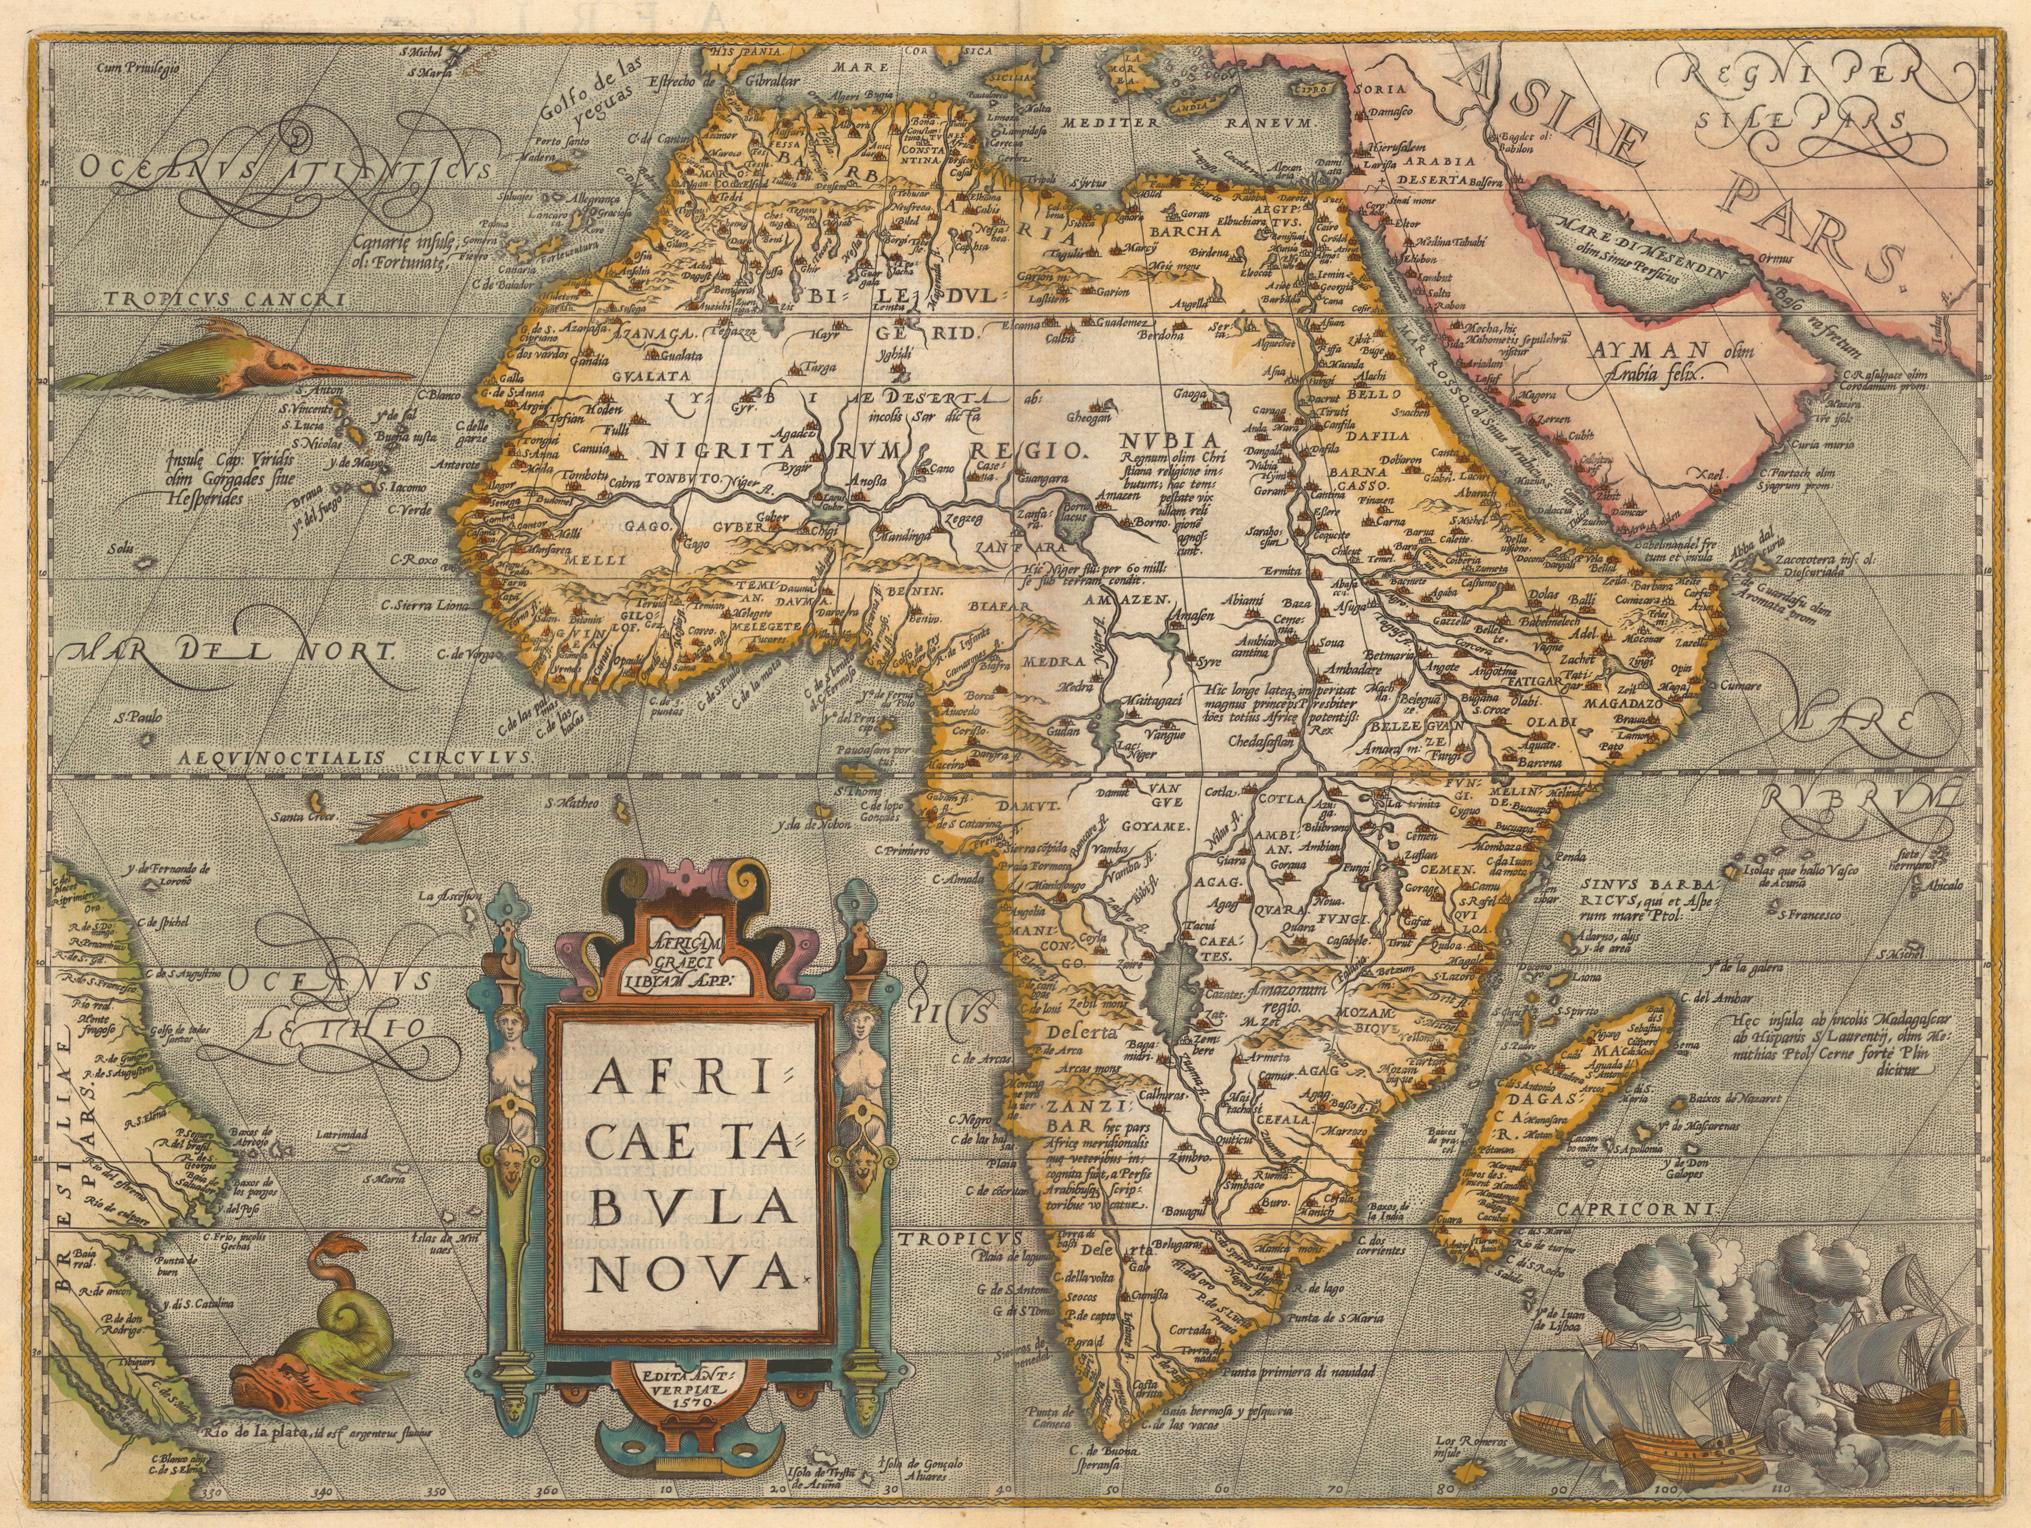 Carte De Lafrique Antique.Evolution Des Cartes De L Afrique